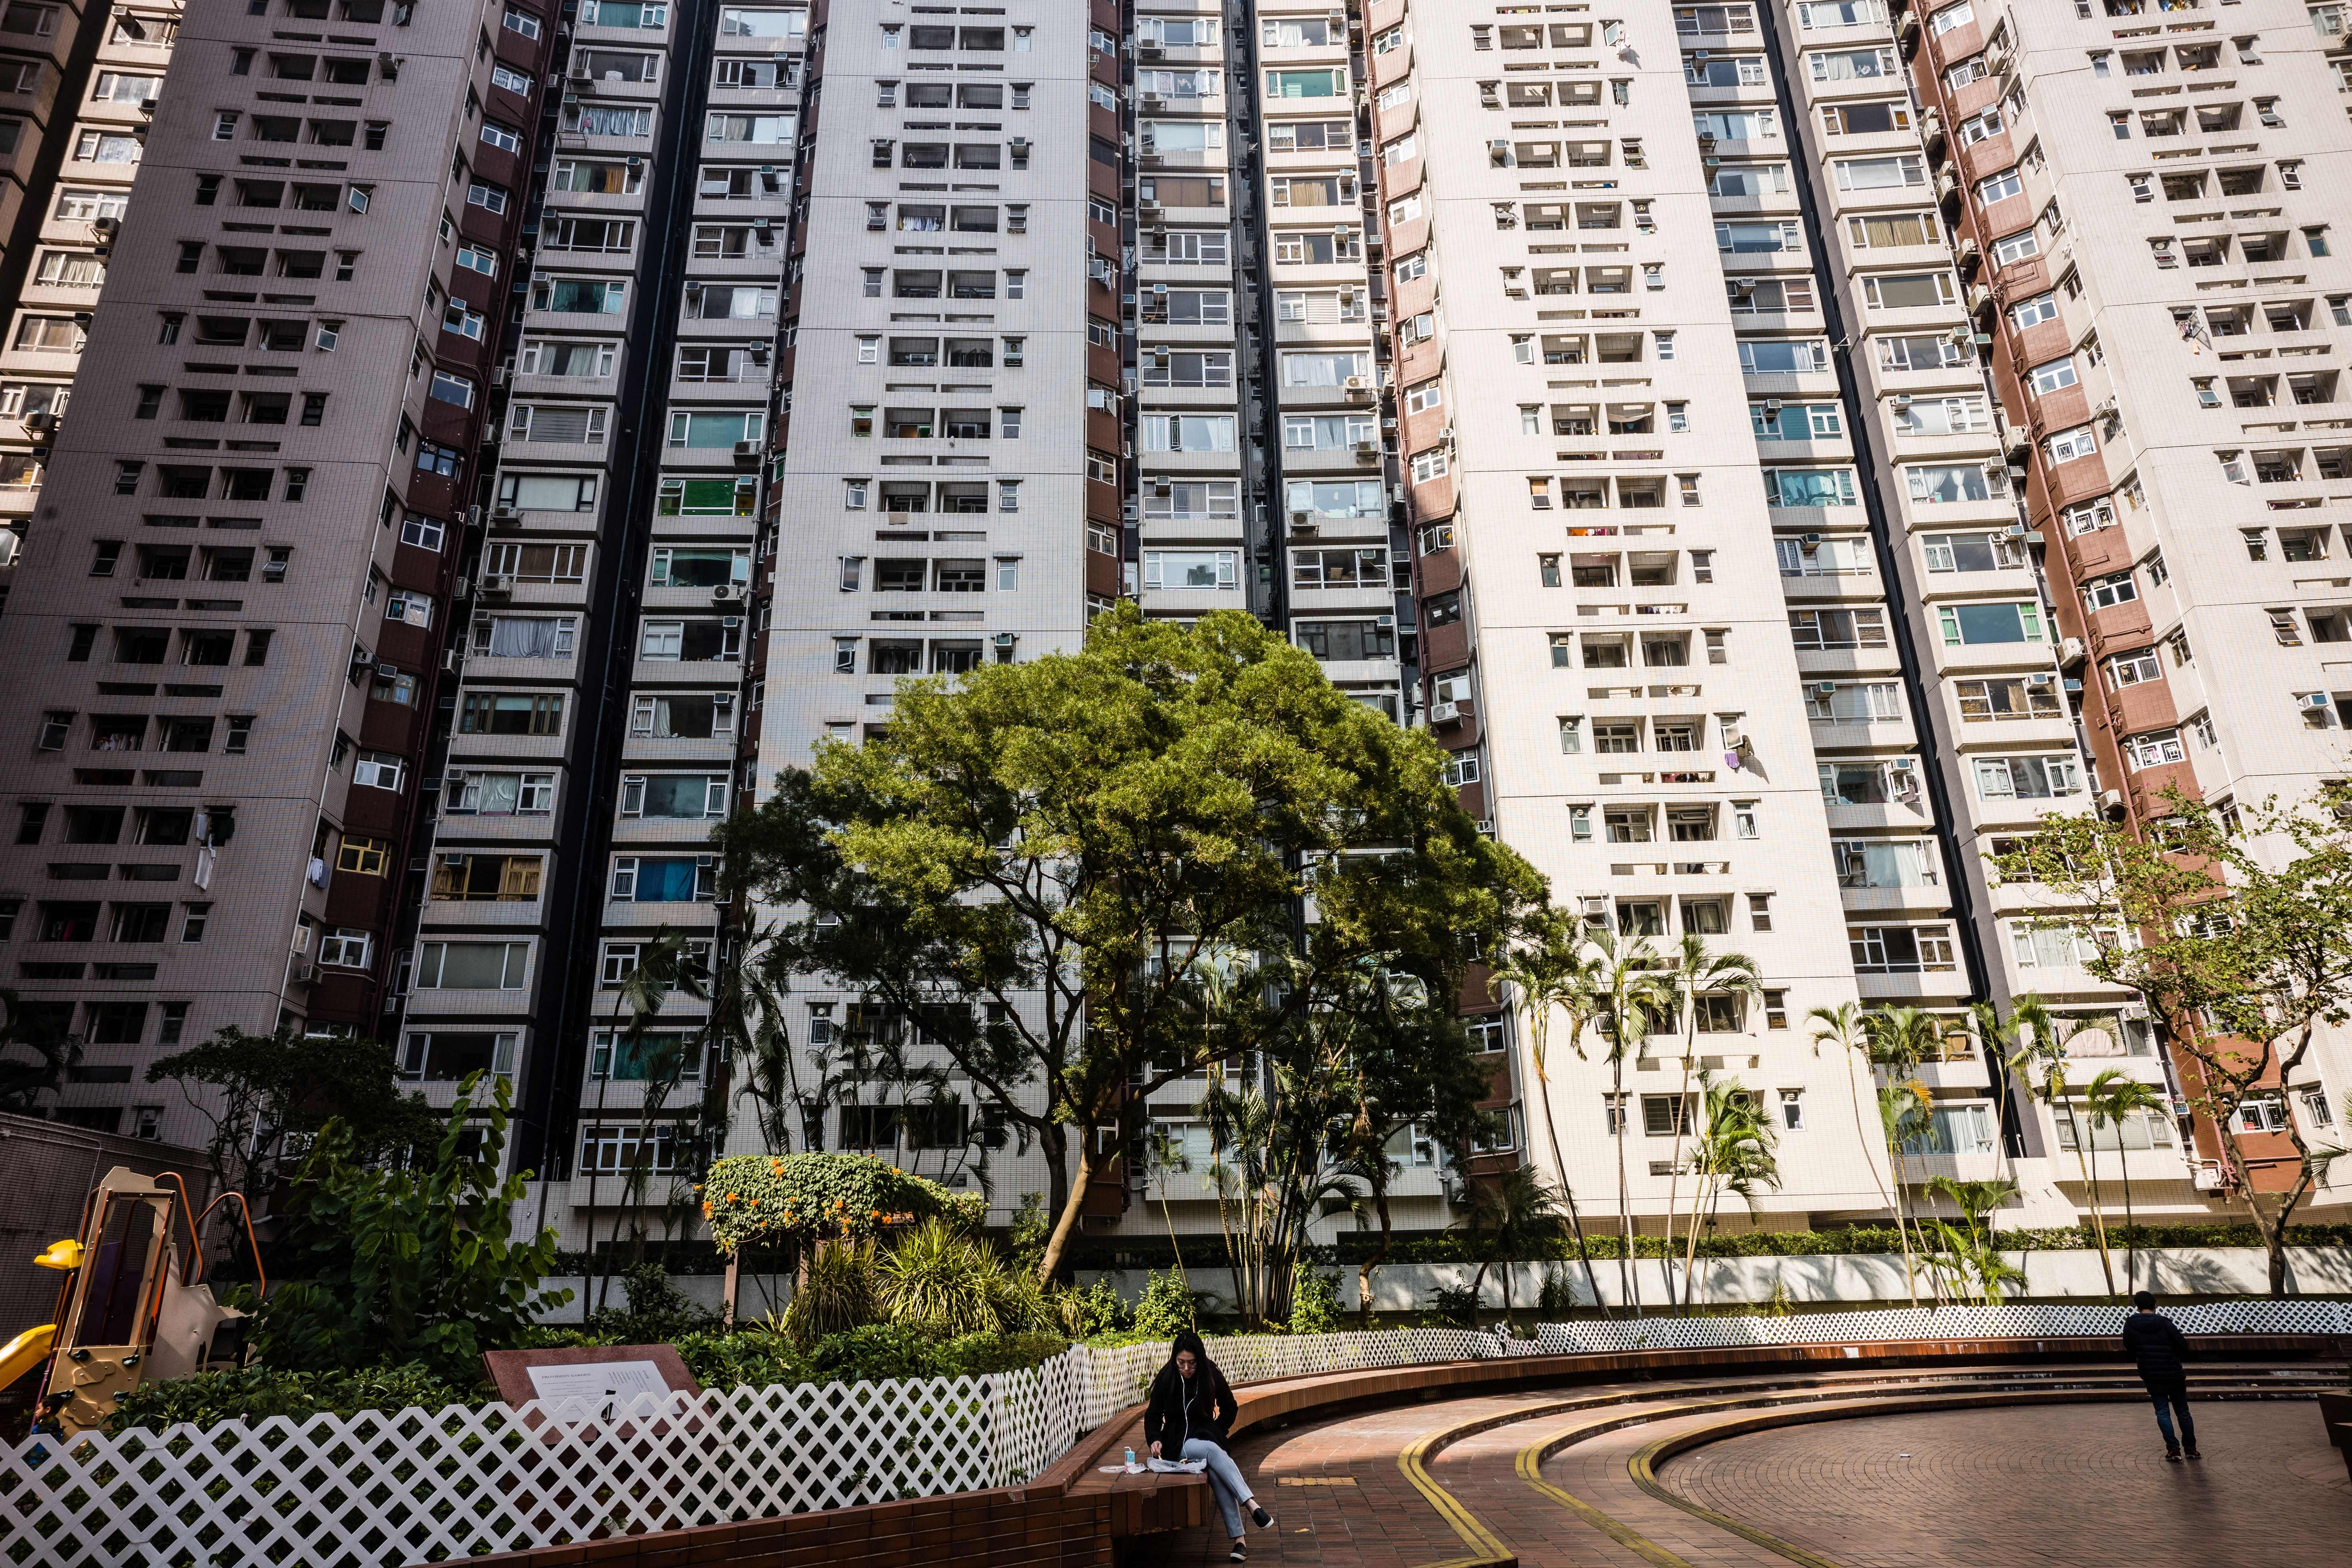 專家:中國房地產已出現日本泡沫經濟跡象